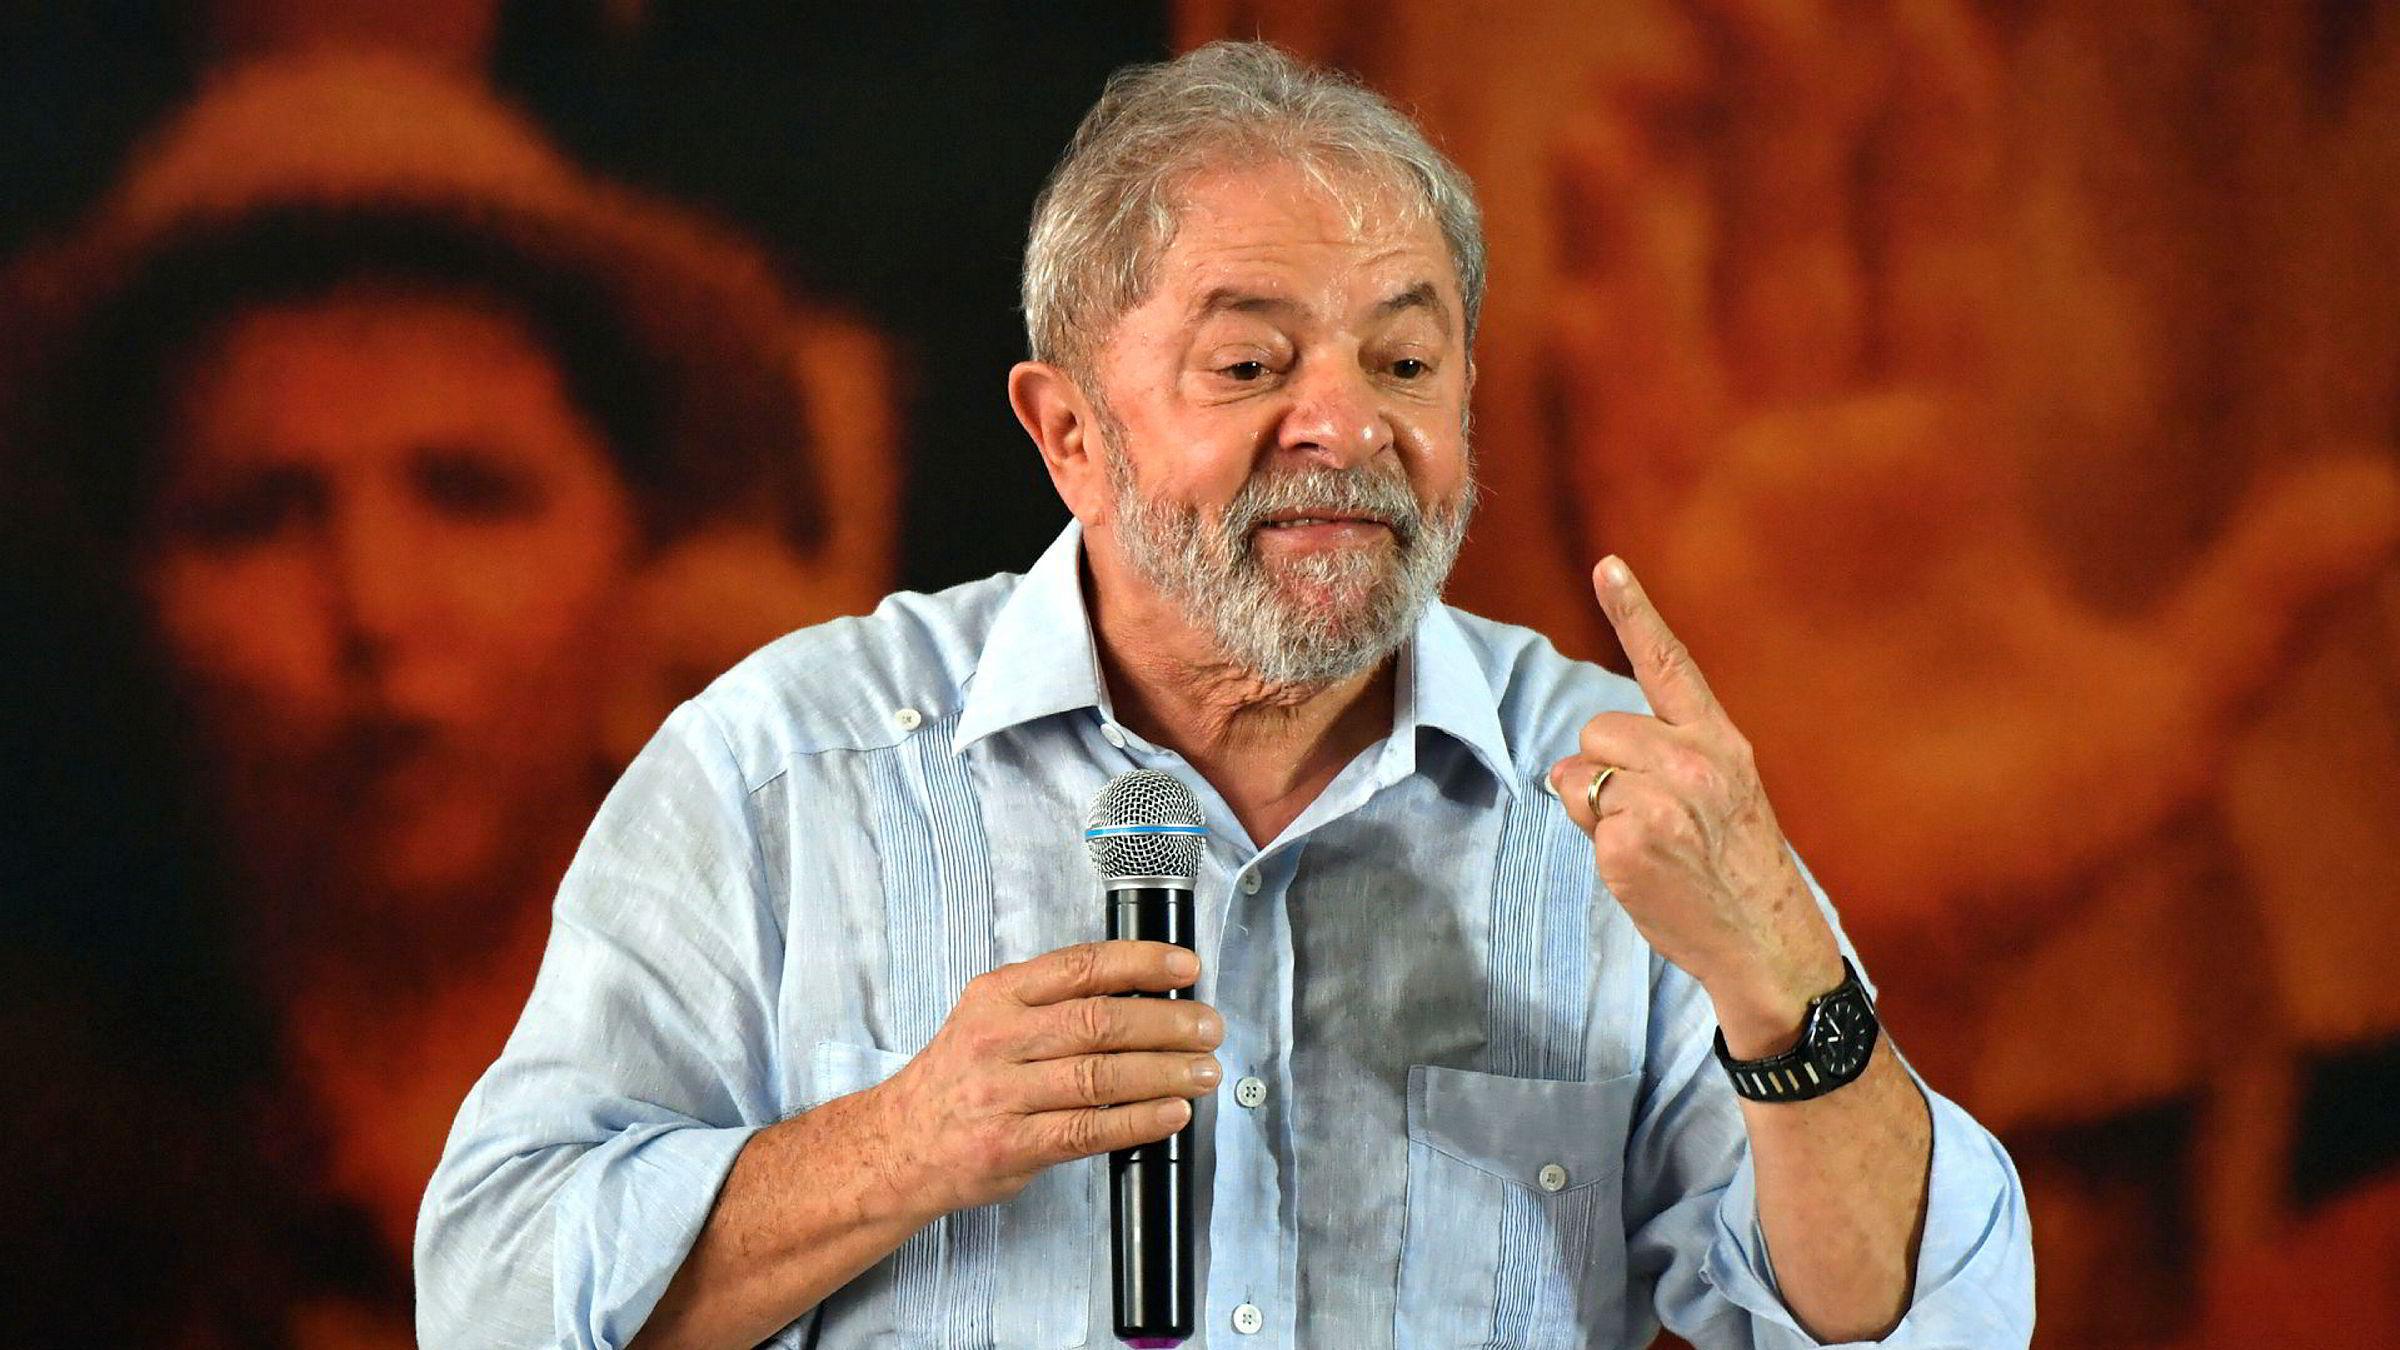 Onsdag ble korrupsjonsdommen mot ekspresident i Brasil, Luiz Inácio Lula da Silva, skjerpet fra 9,5 til 12 år i fengsel. Det har ikke stoppet Lula fra å opprettholde sitt kandidatur til høstens presidentvalg. Torsdag avholdt han et nytt kampanjemøte i São Paulo.